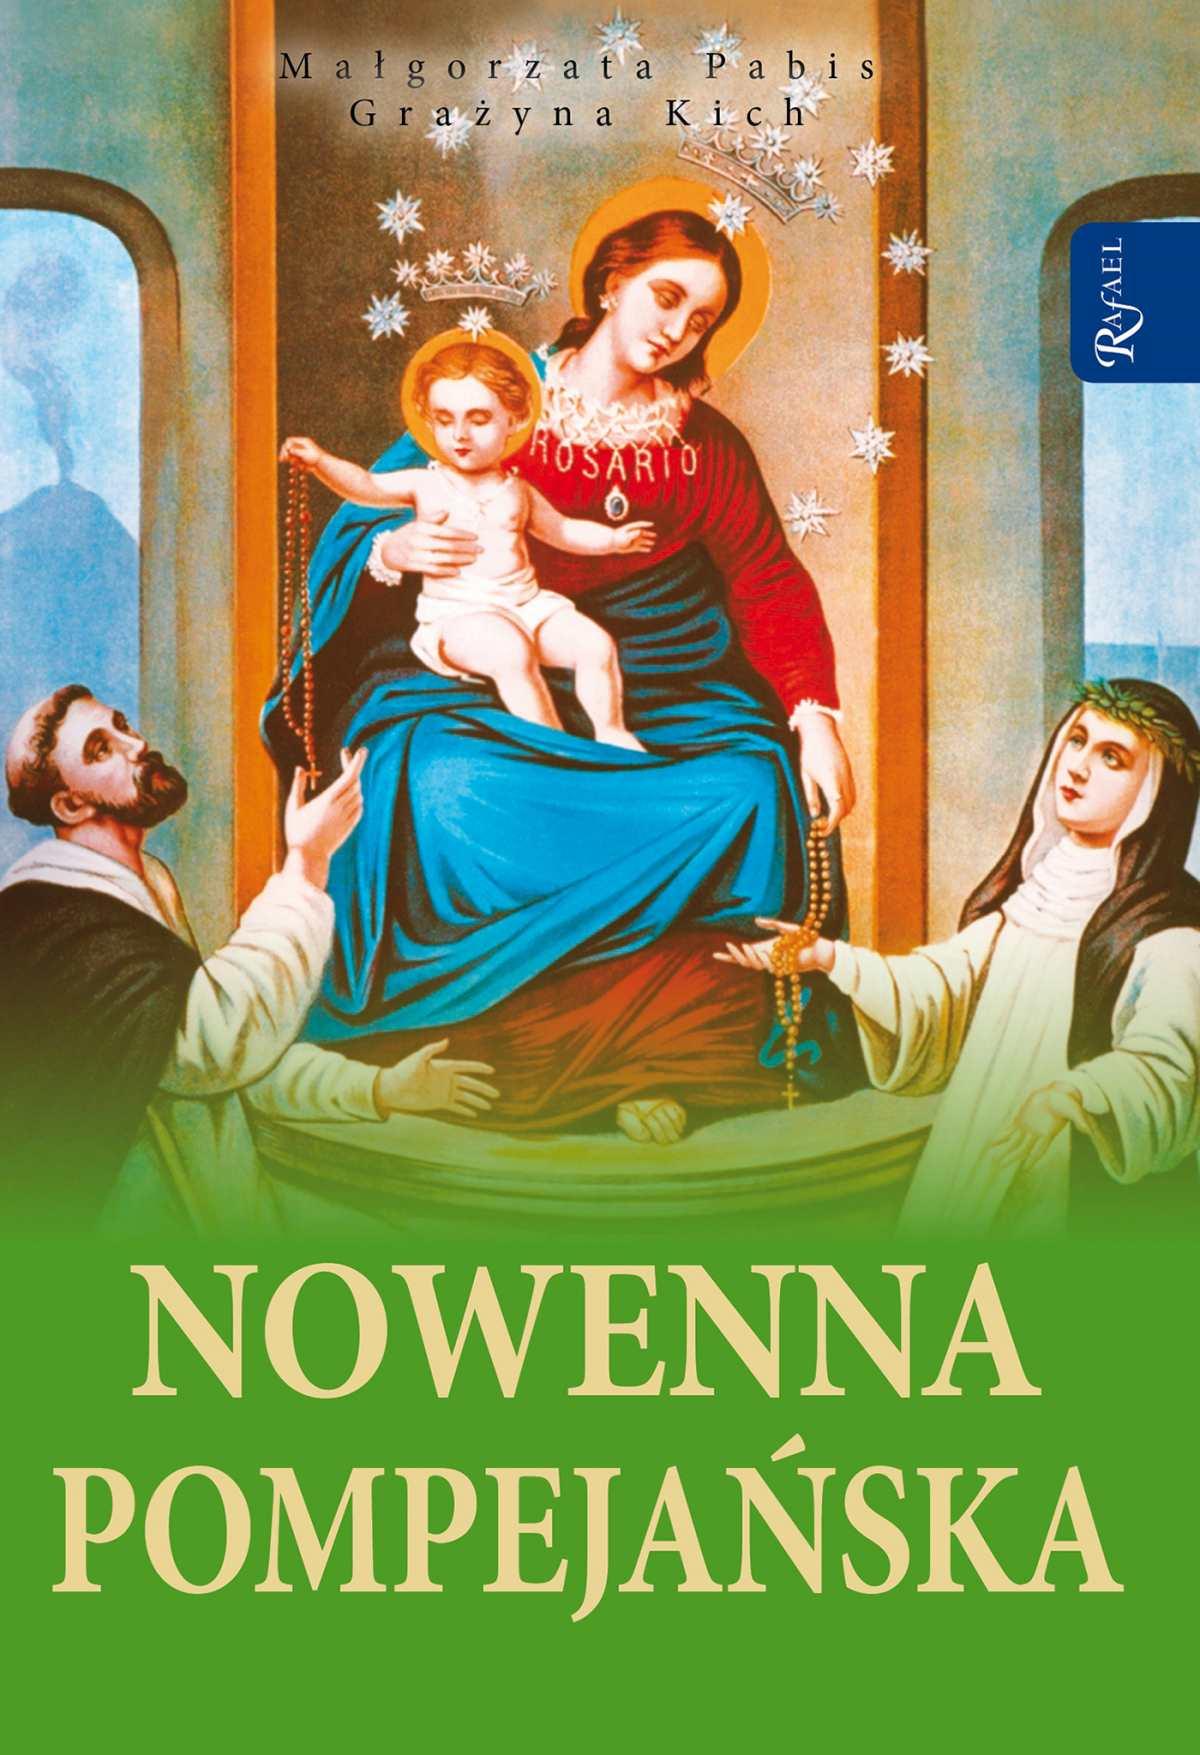 Nowenna pompejańska - Ebook (Książka na Kindle) do pobrania w formacie MOBI